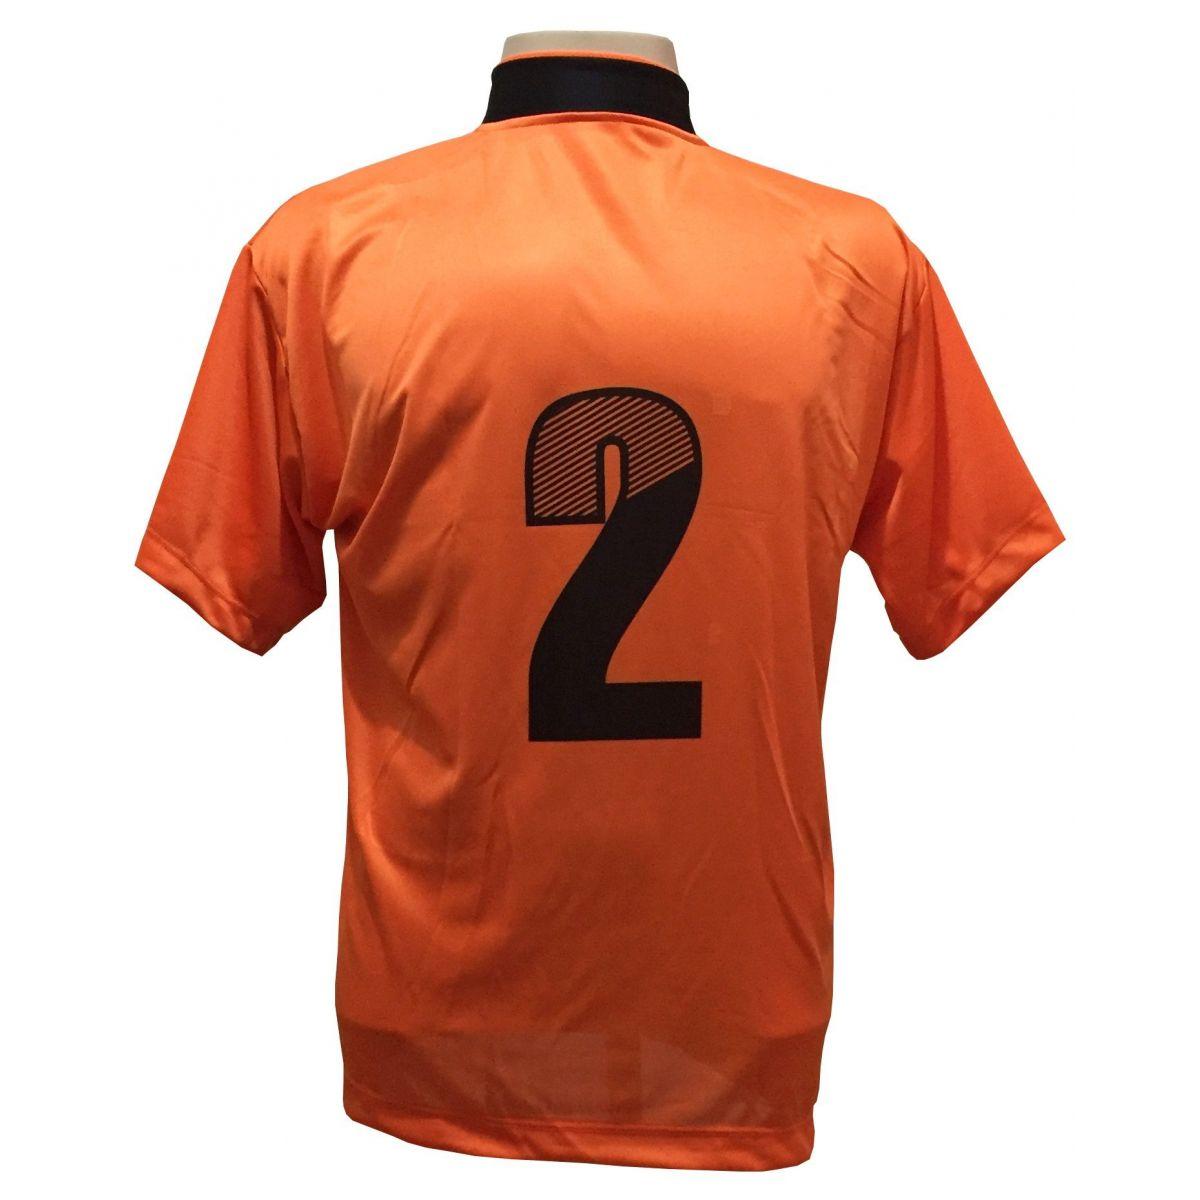 Jogo de Camisa com 14 unidades modelo Suécia Laranja/Preto